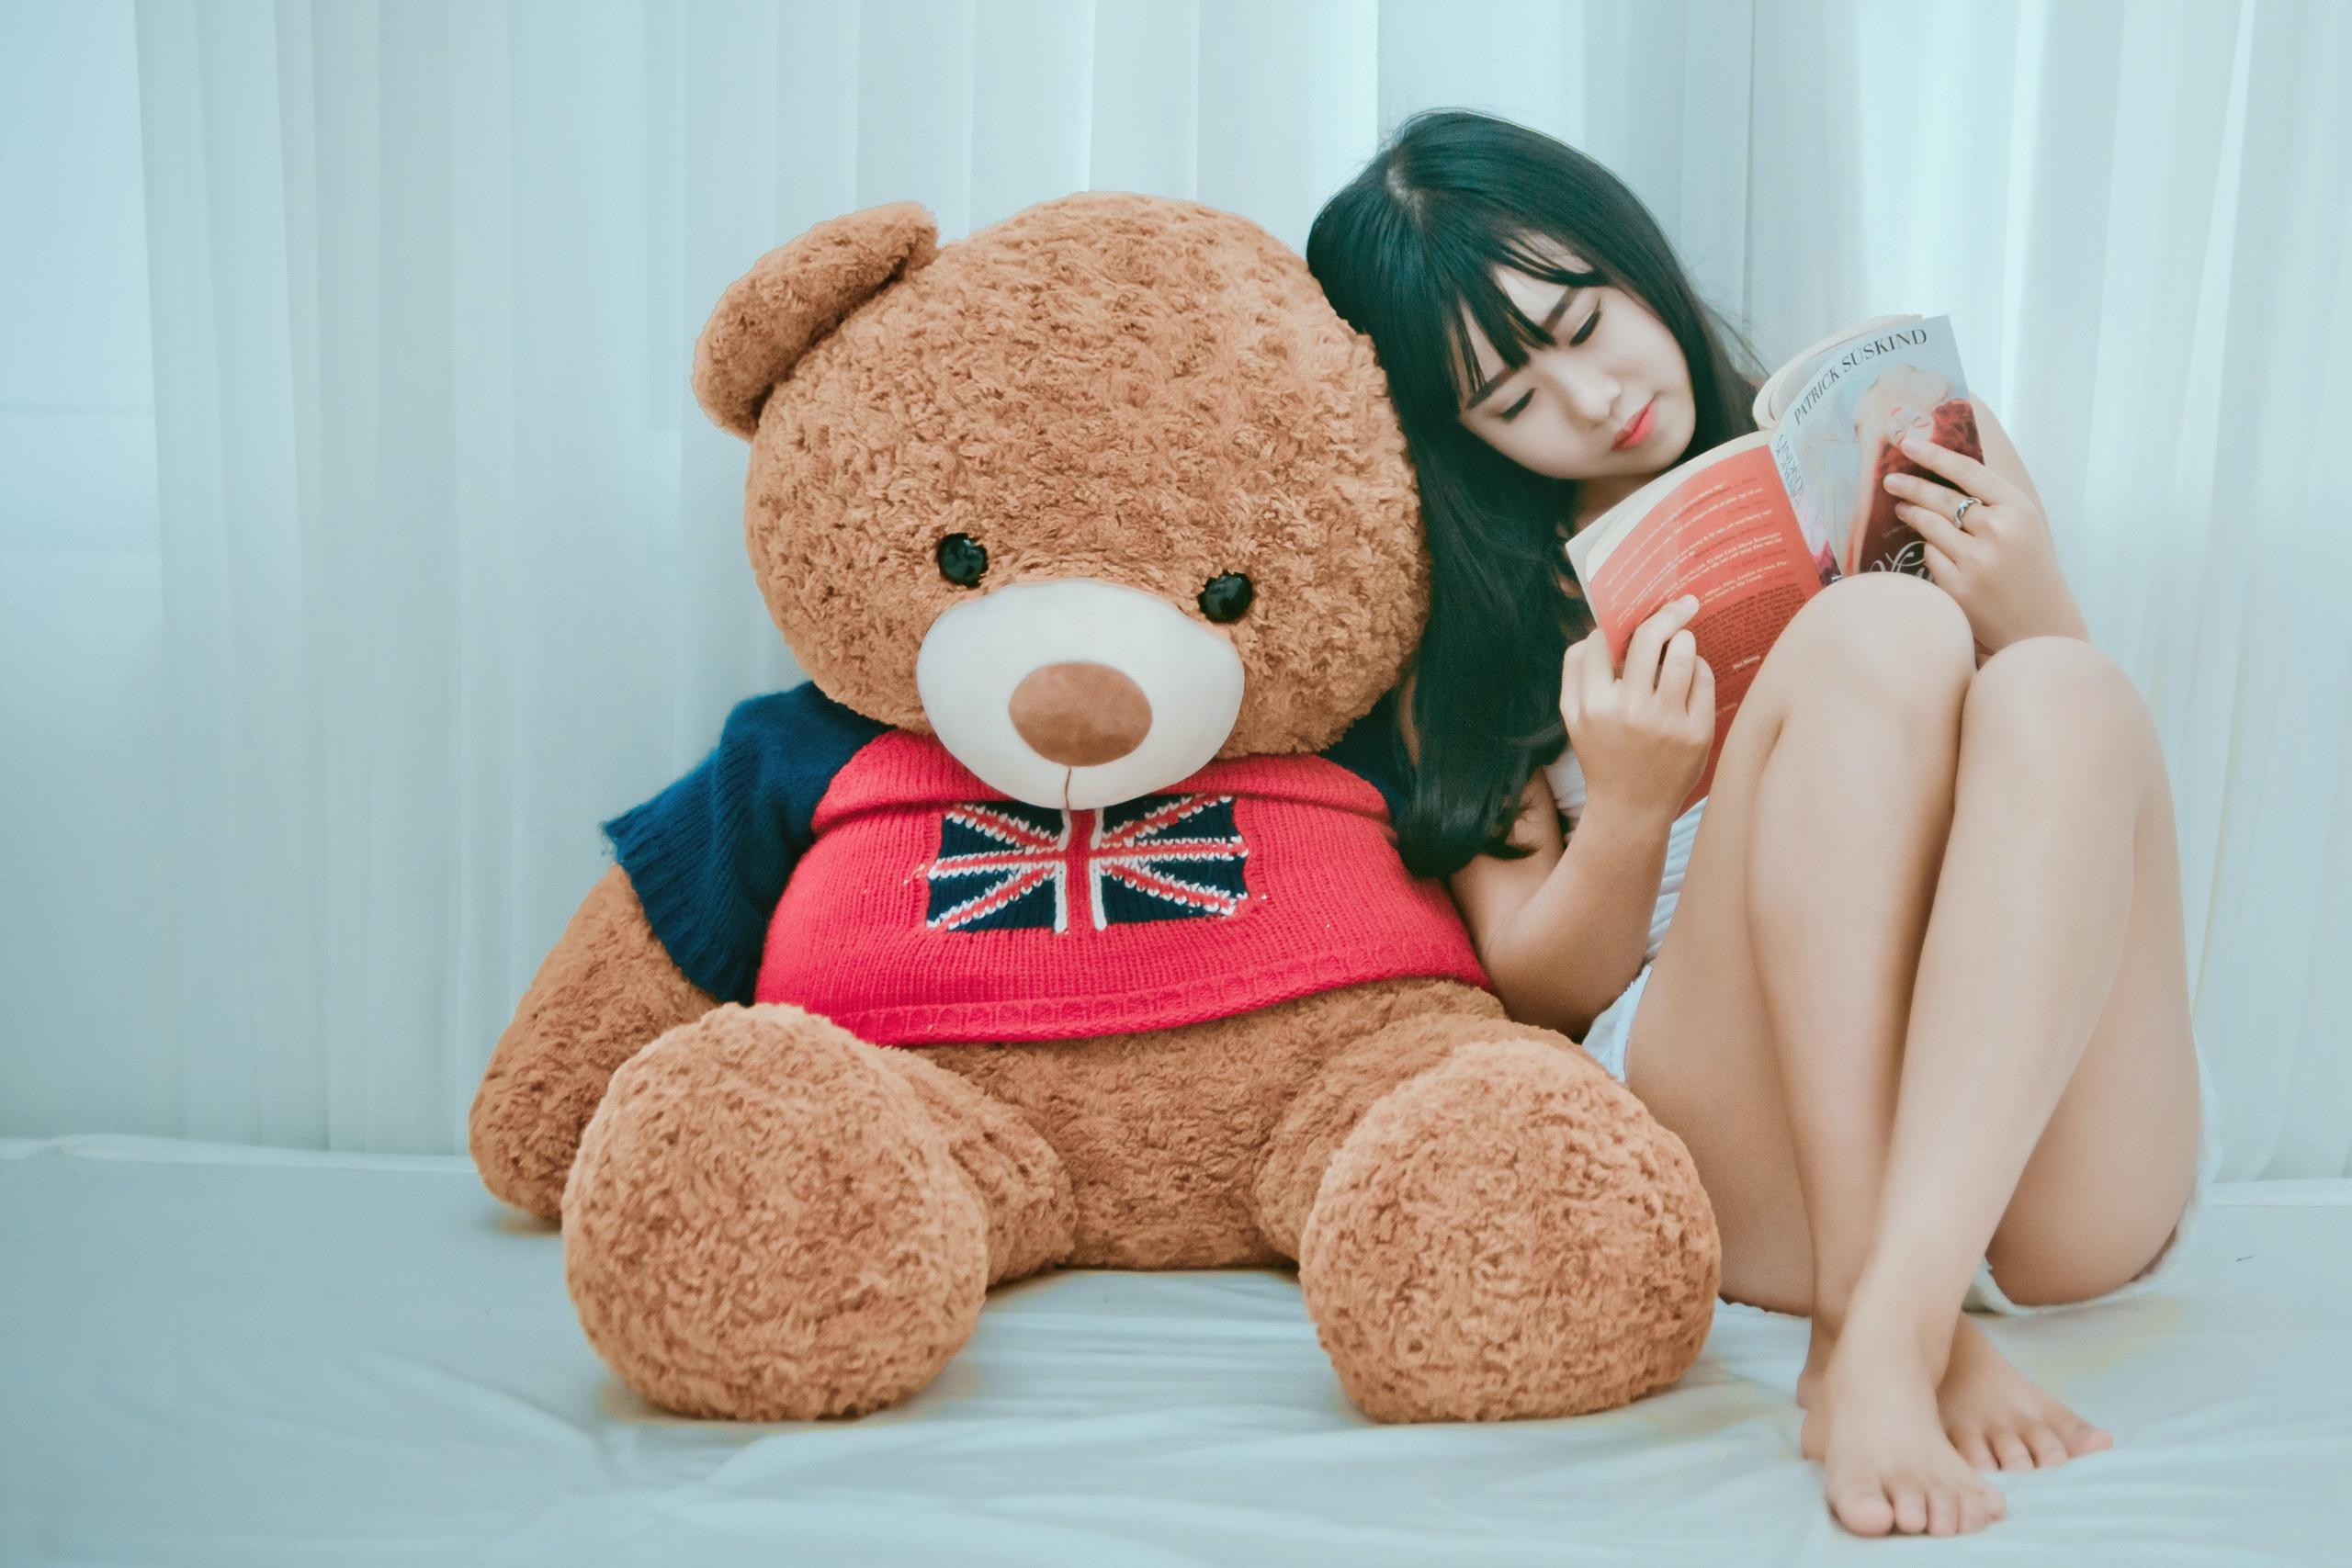 девушка медведь плюшевый  № 351112 загрузить